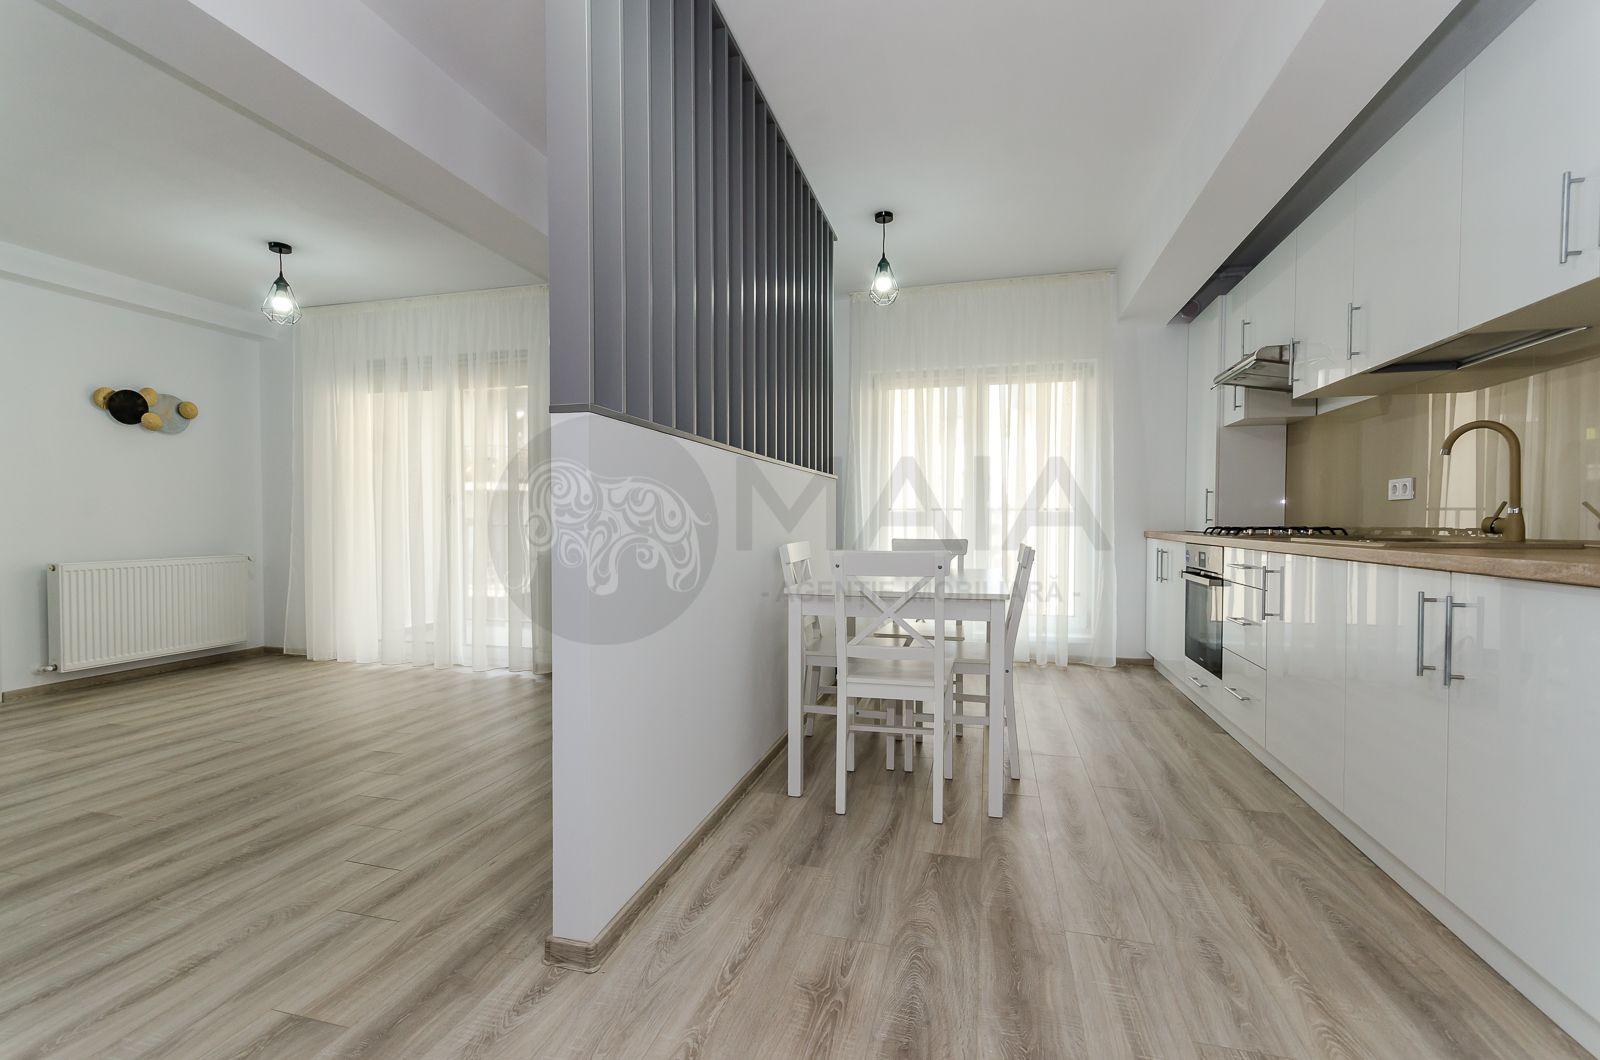 Apartament 3 camere, 2 bai, et.1, totul nou, parcare, Arhitectilor